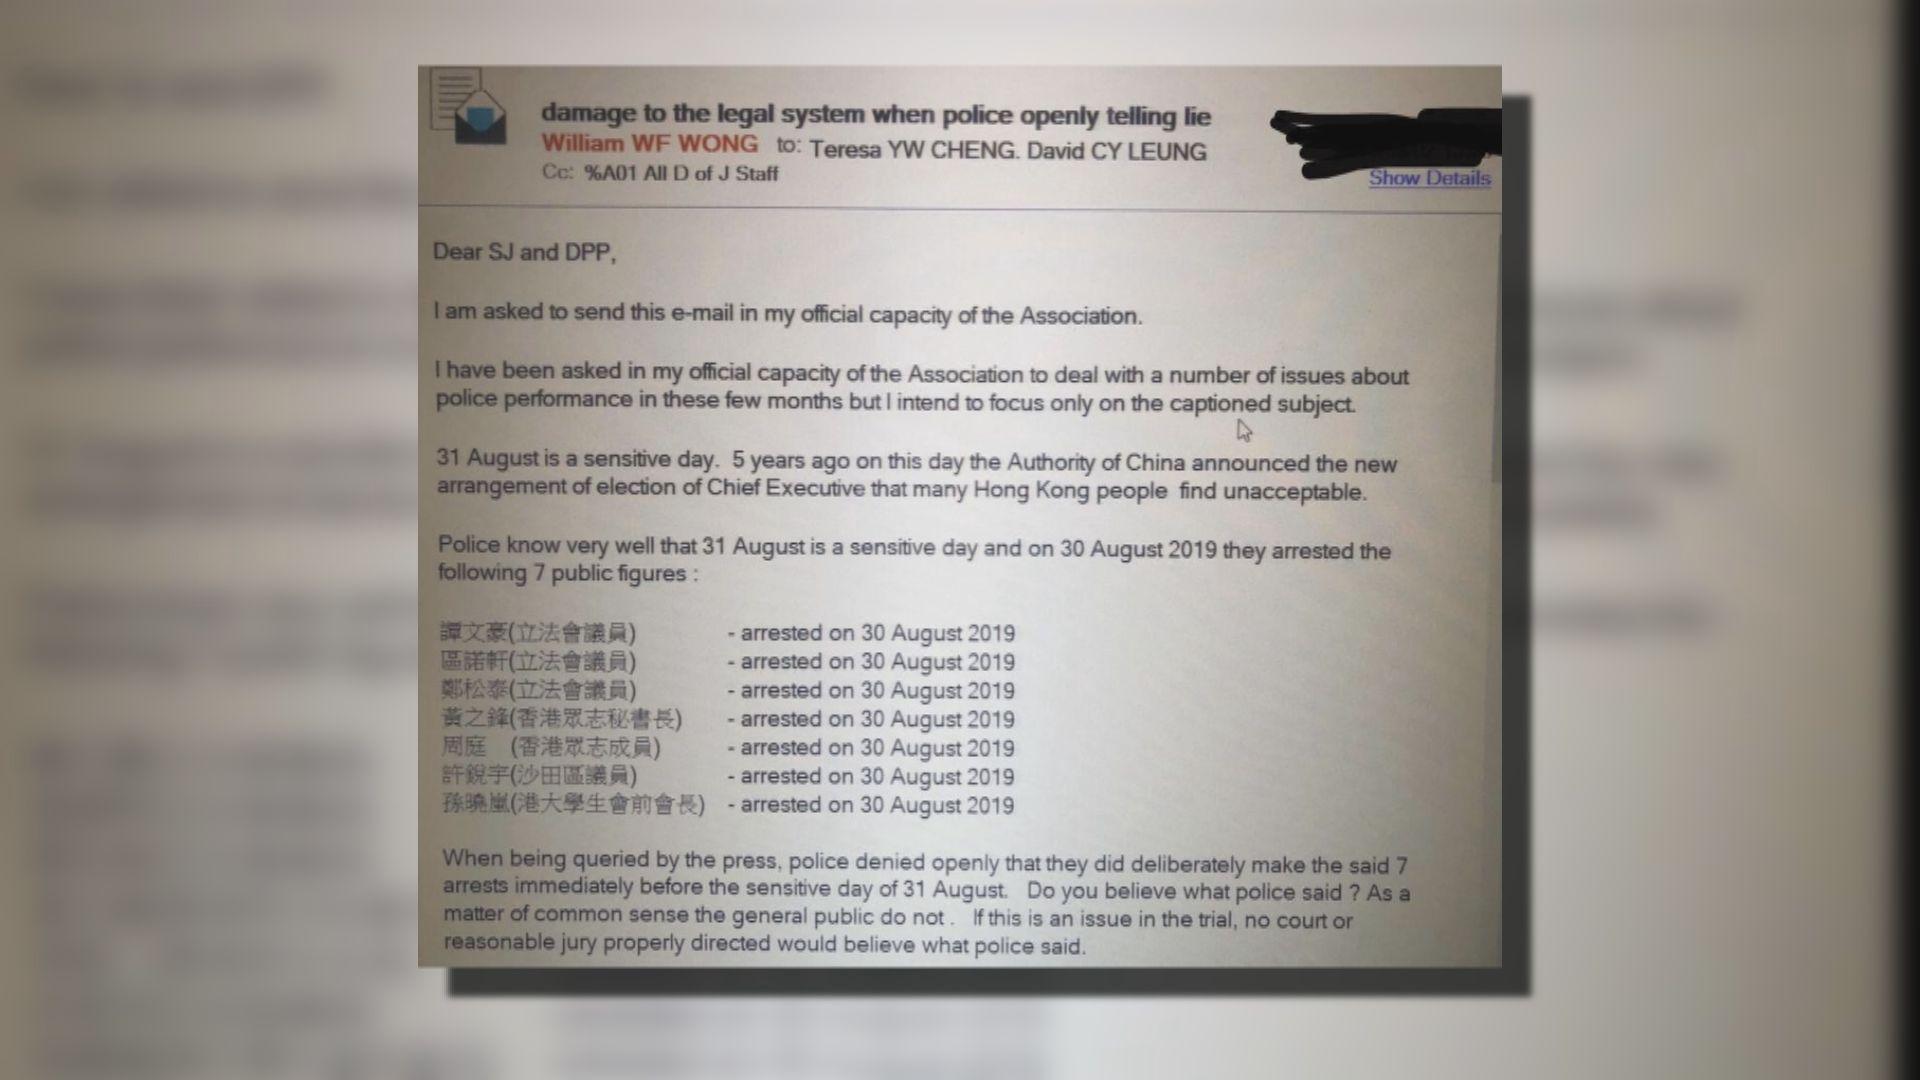 網上流傳法庭檢控主任協會發信 質疑831前夕檢控七人非偶然